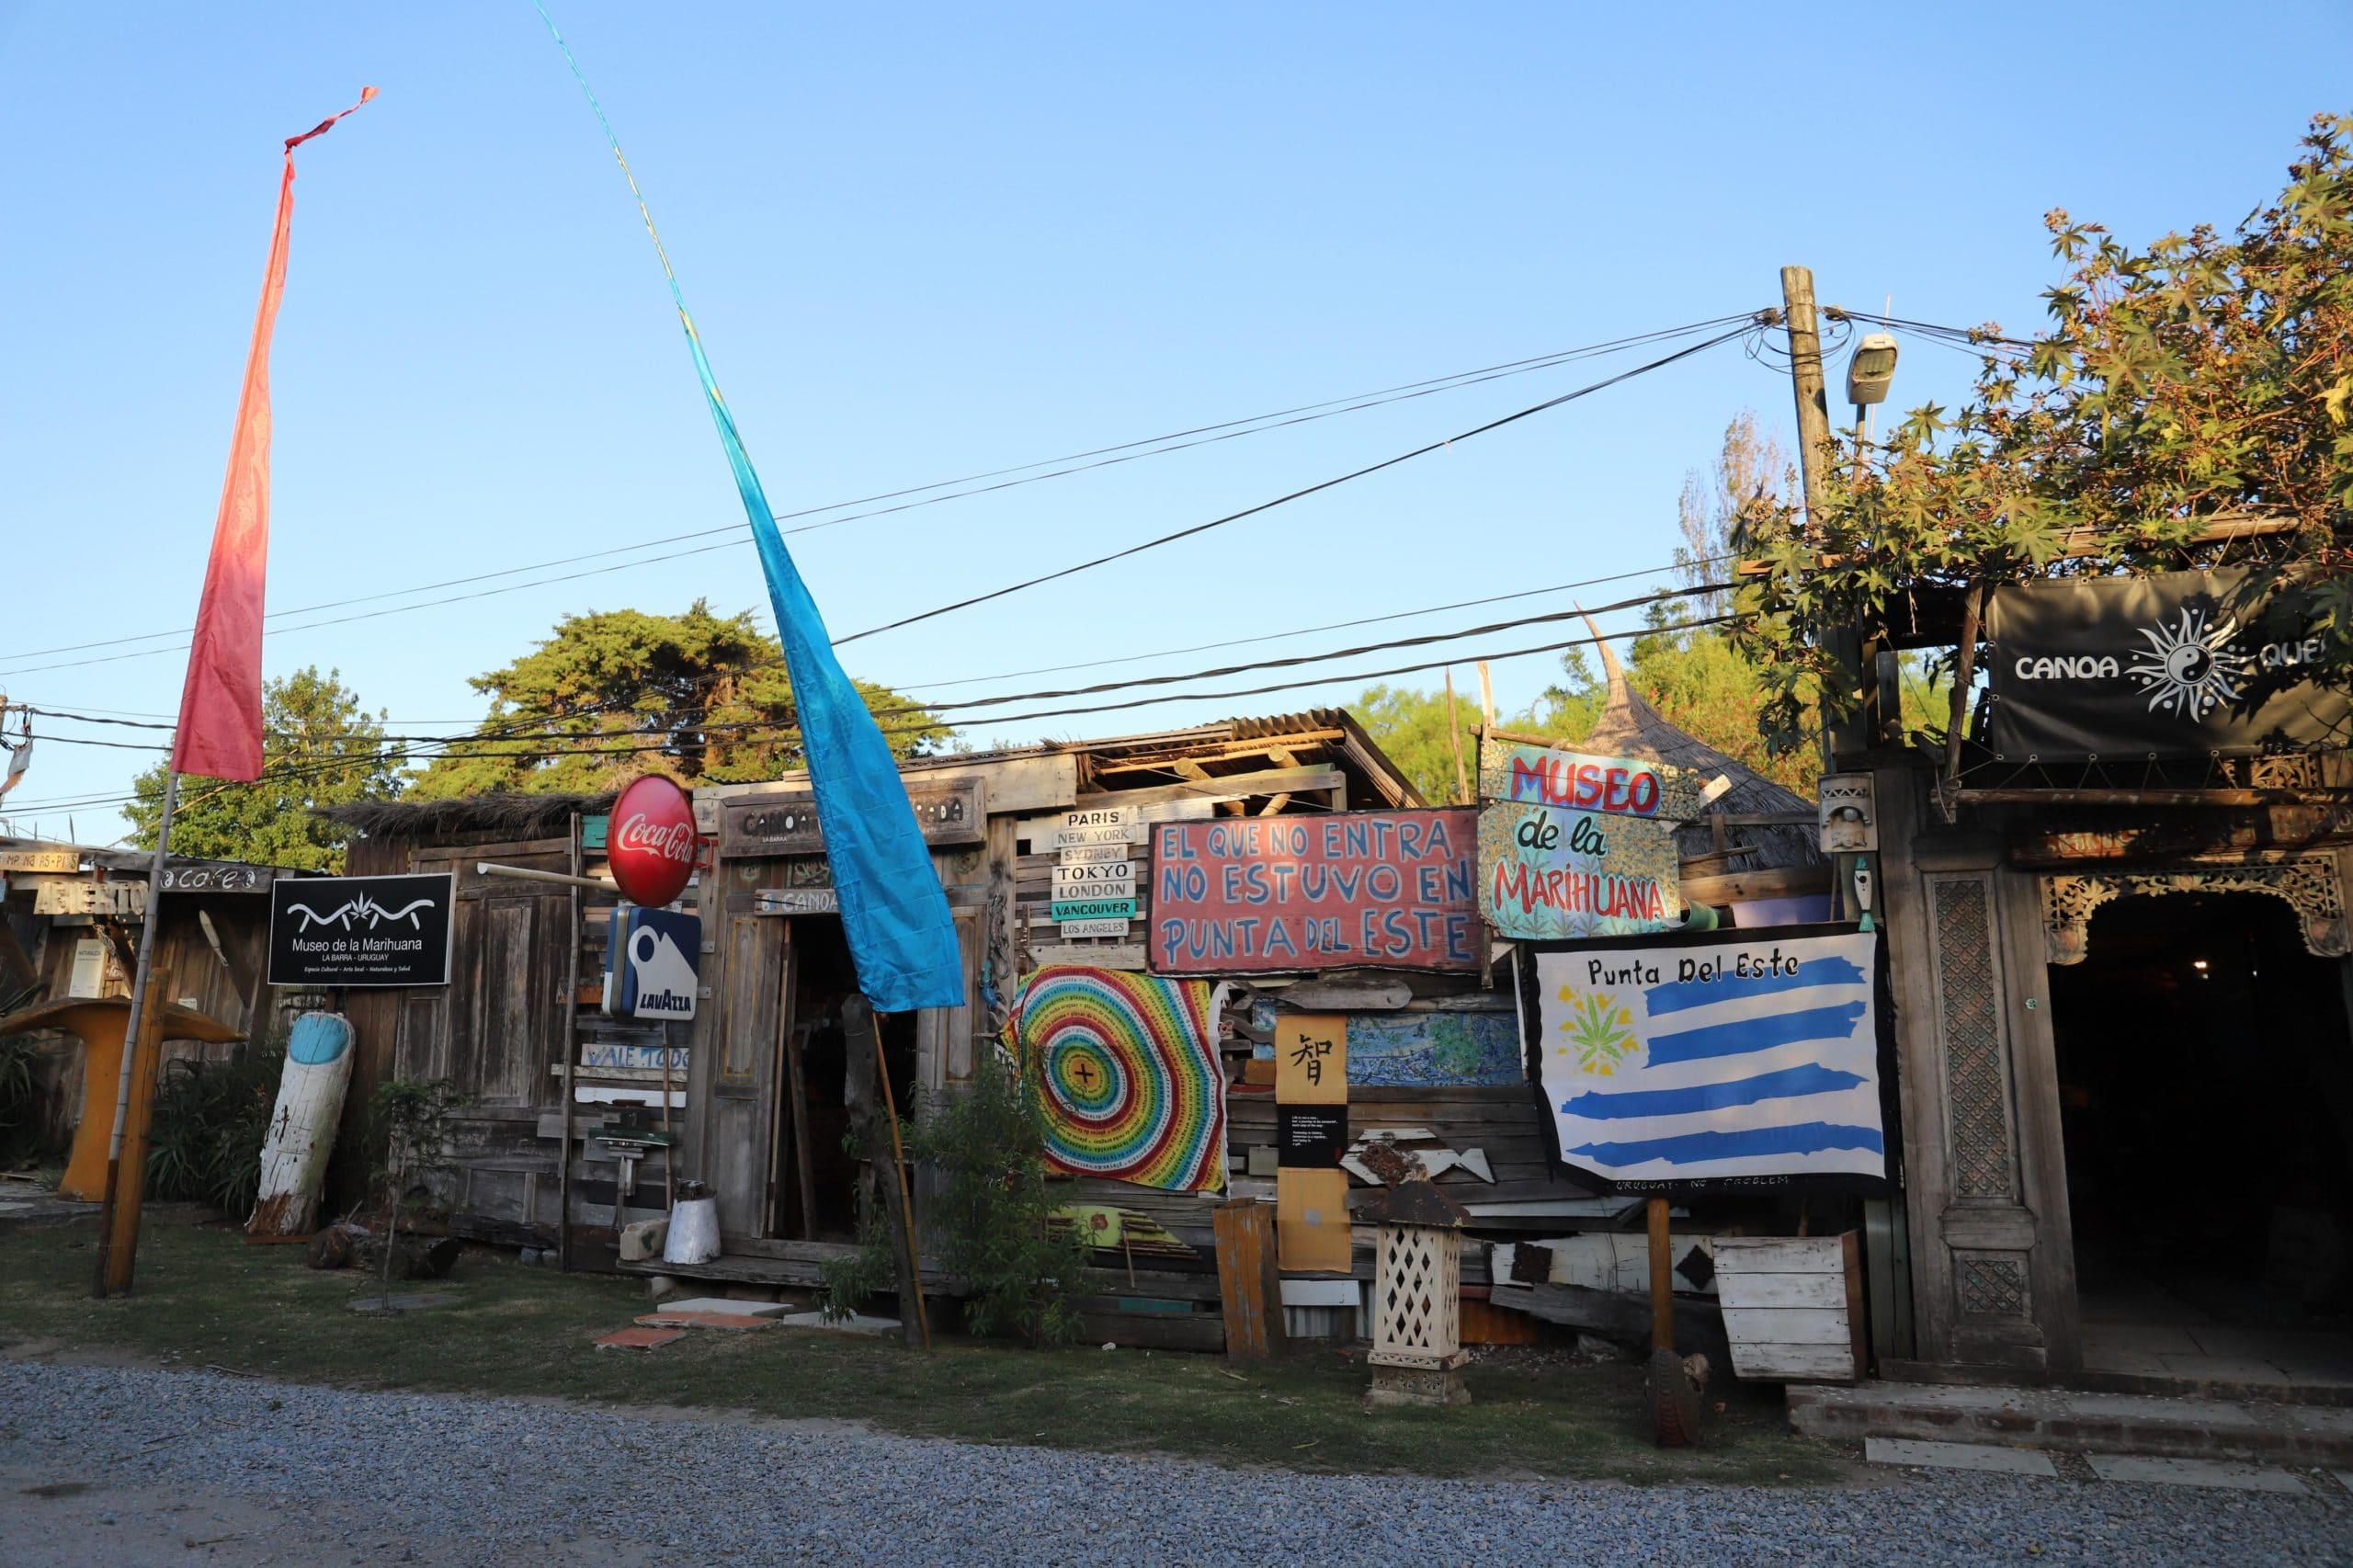 El Museo de la Cannabis en La Barra, Punta del Este